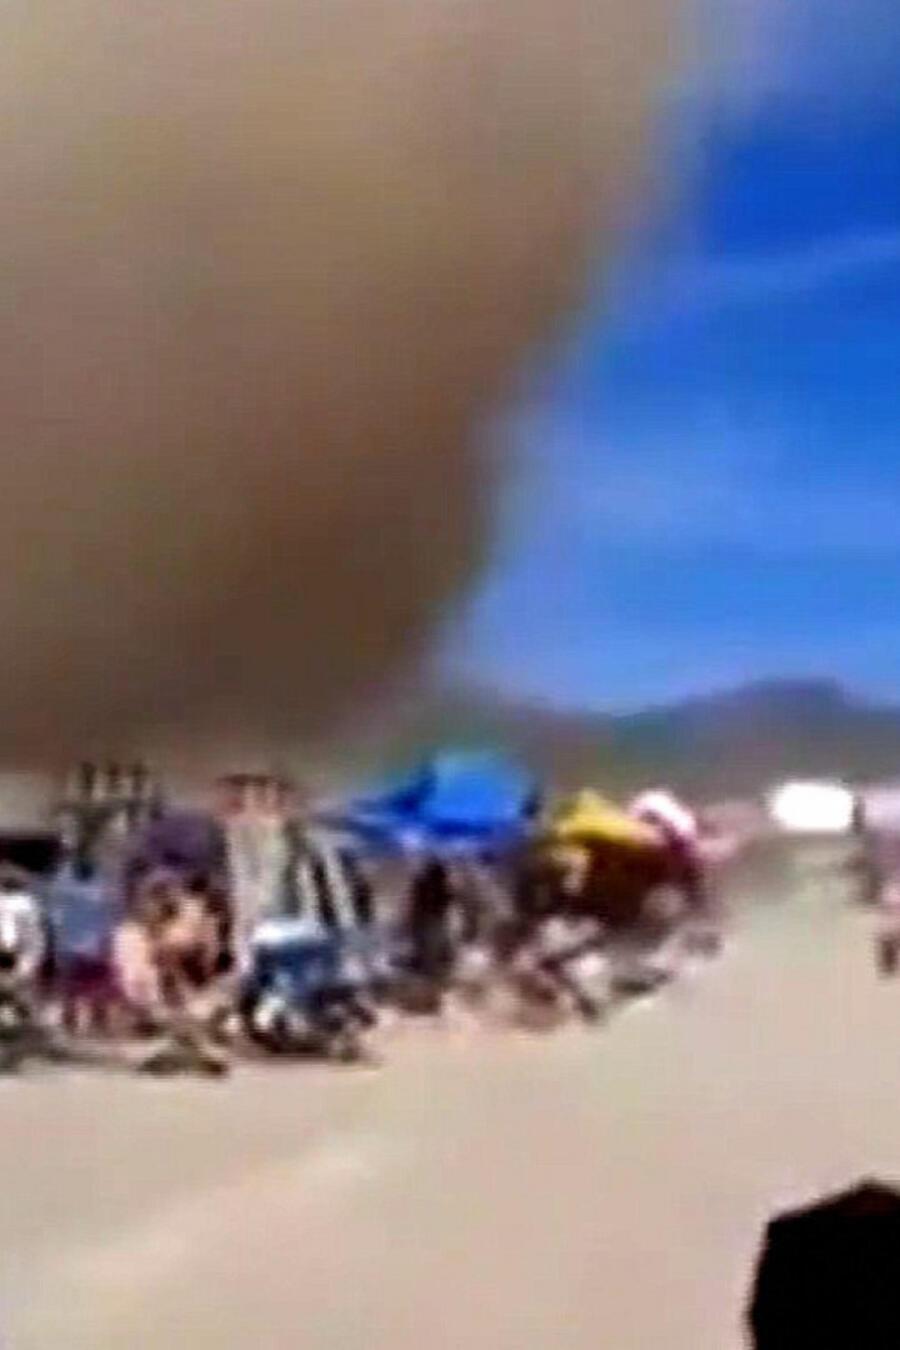 Remolino arrasa con los puestos de un mercado en México